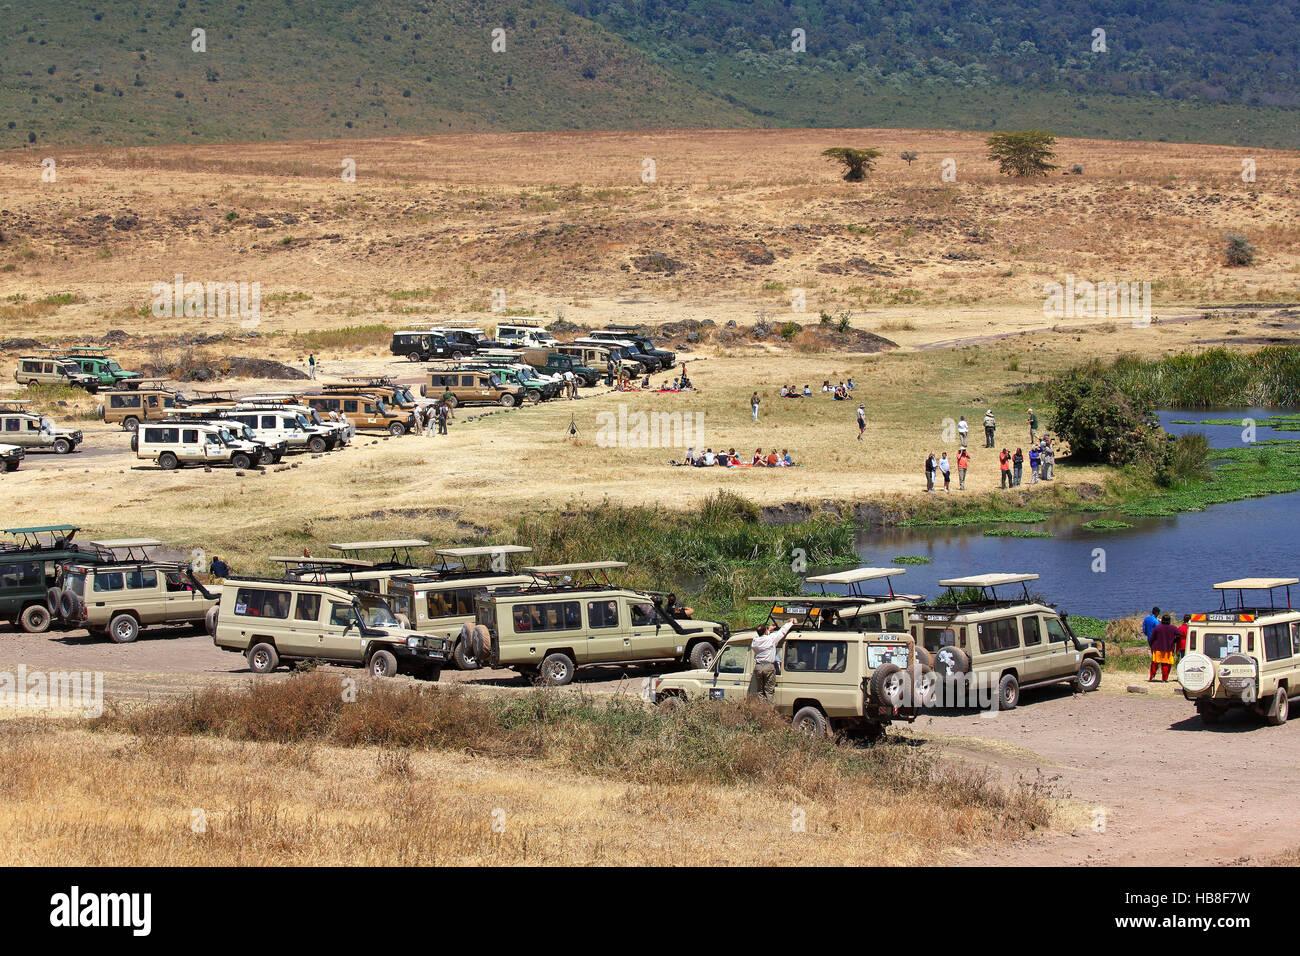 Los turistas de safari, los cuatriciclos en la zona de descanso, Ngorongoro, el Parque nacional Serengeti, Tanzania Foto de stock